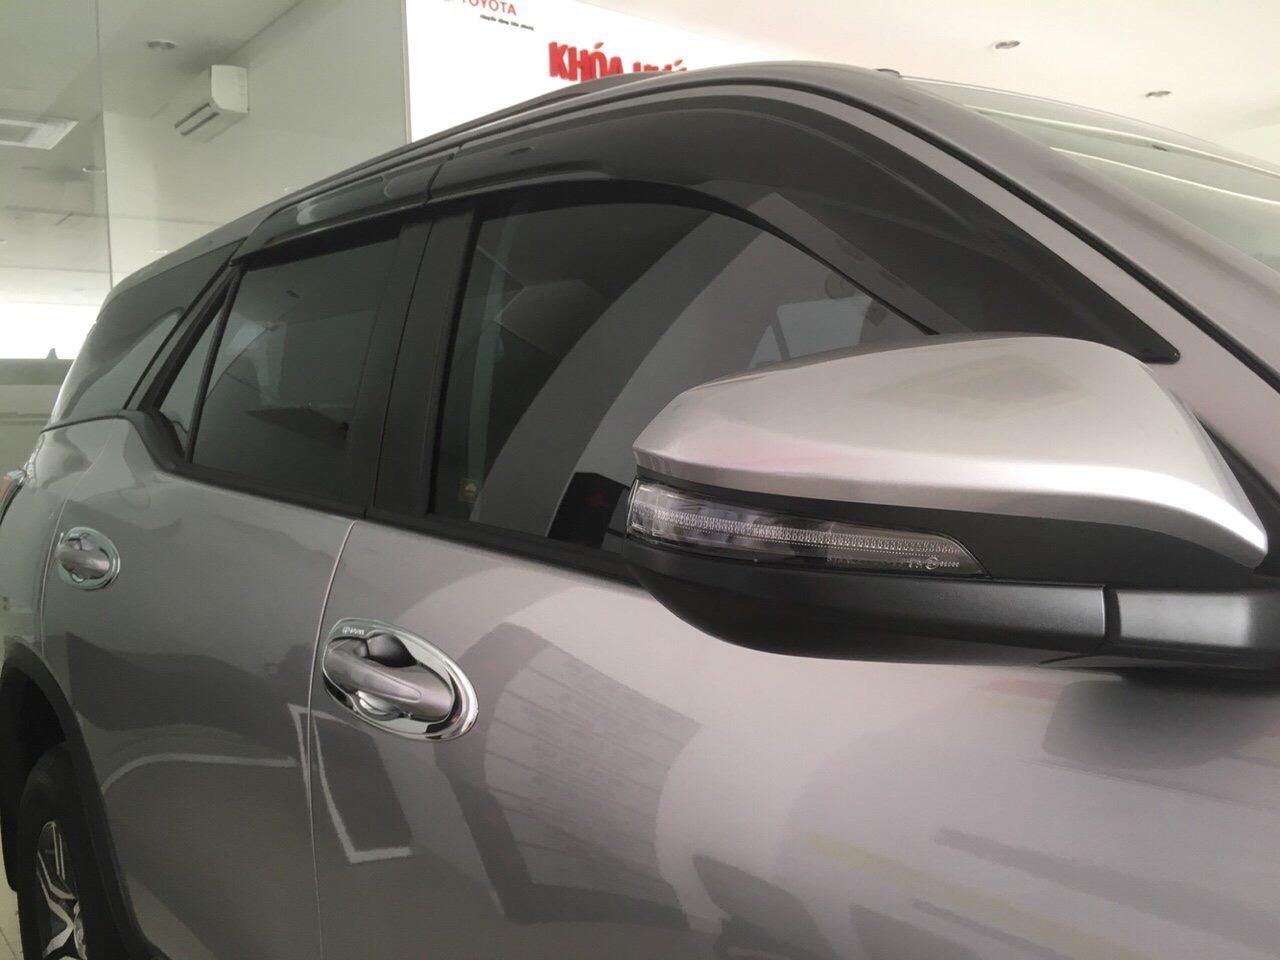 Fortuner 2.4G 4x2 AT màu bạc ảnh 4 - Fortuner 2.4 G MT [hienthinam] (máy dầu, số sàn): giá xe và khuyến mãi mới